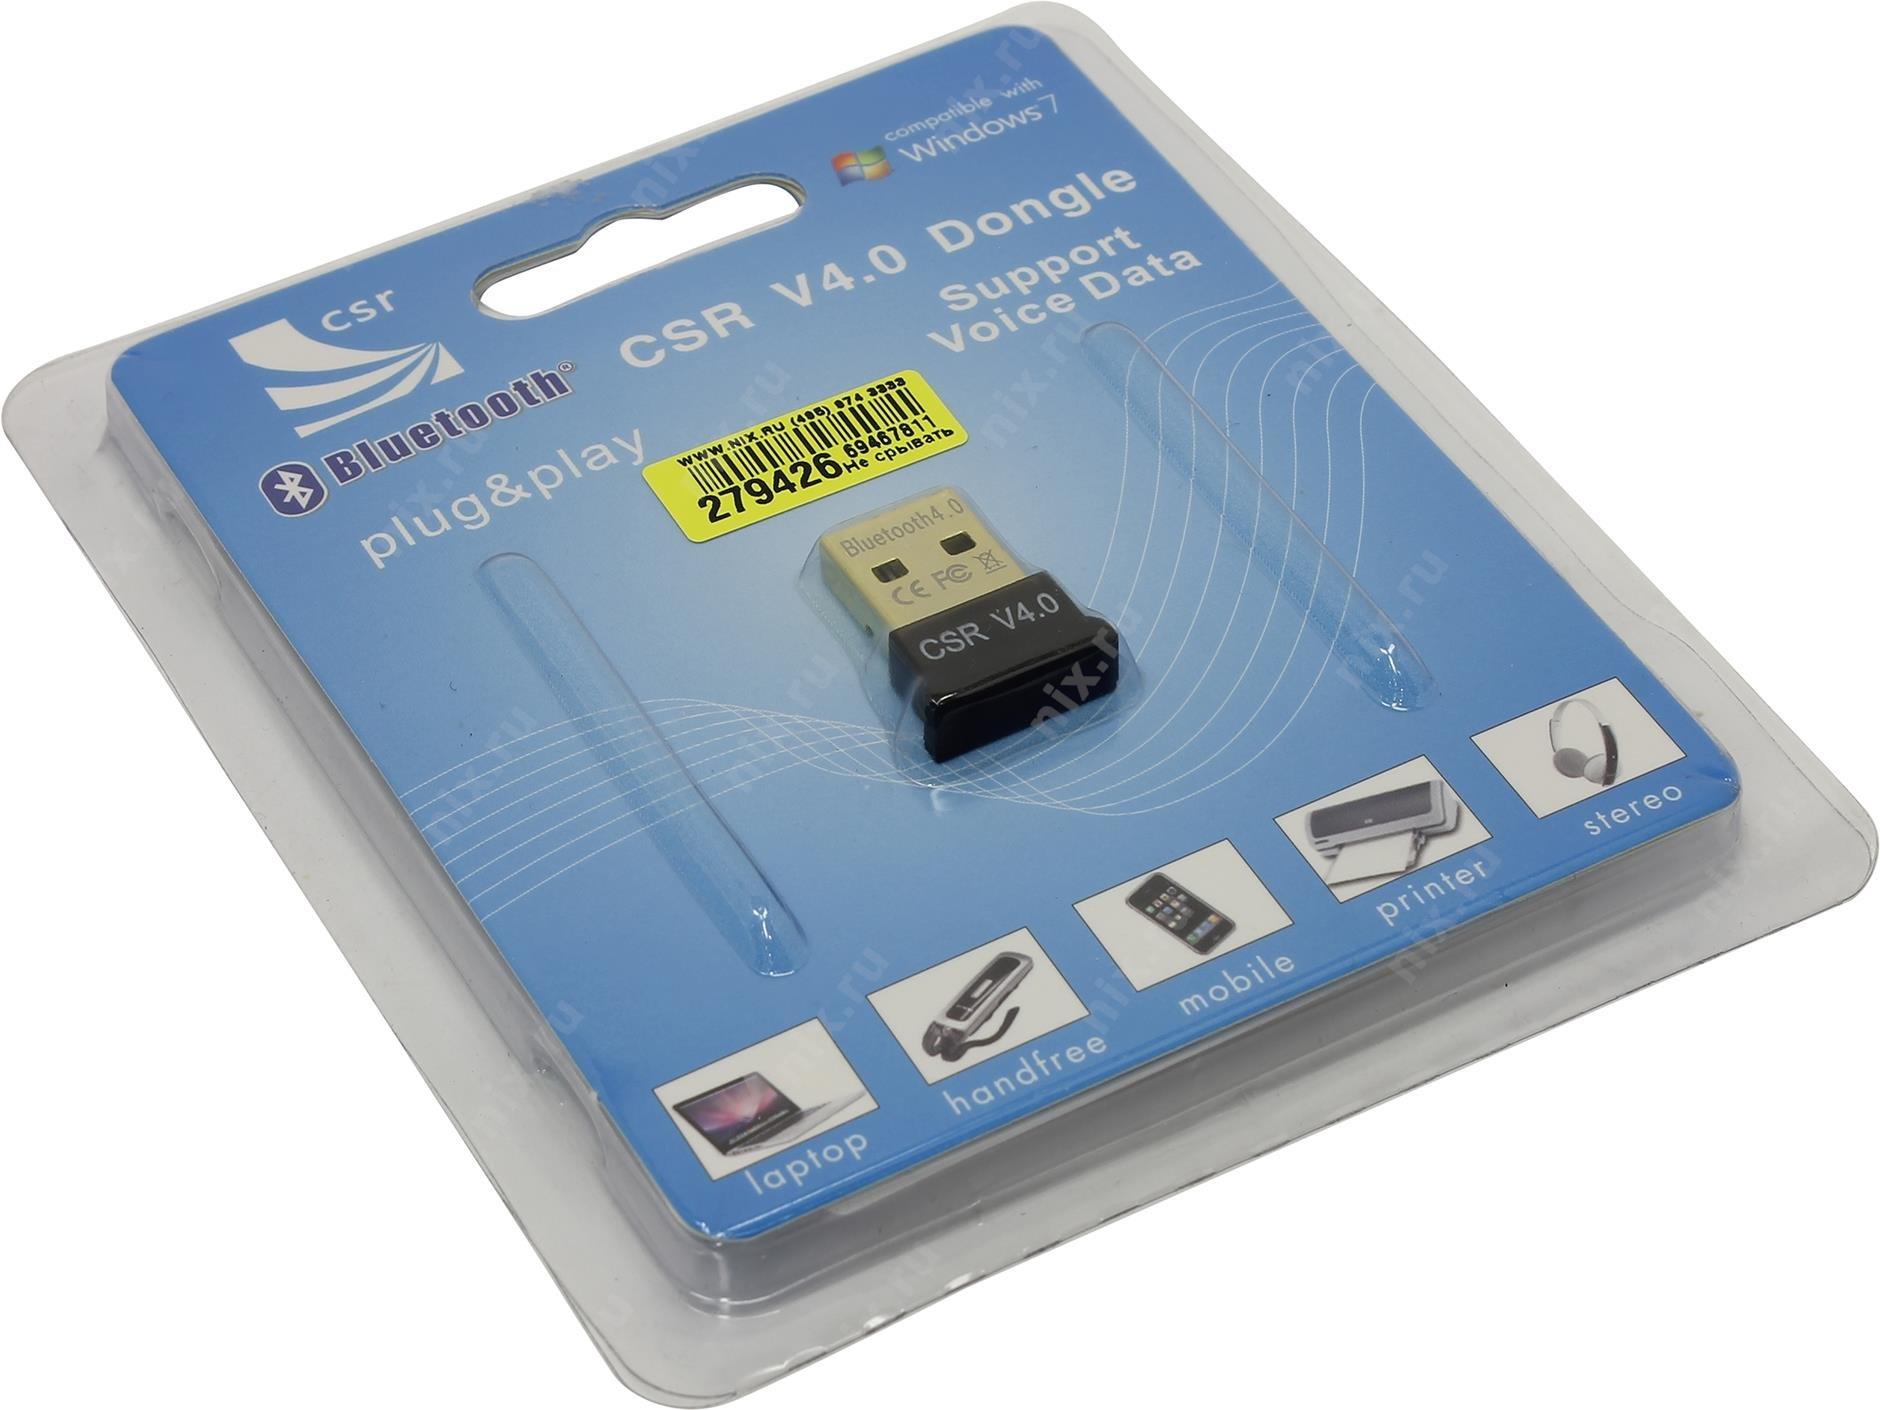 Адаптер Bluetooth 4.0 KS-is (KS-269)